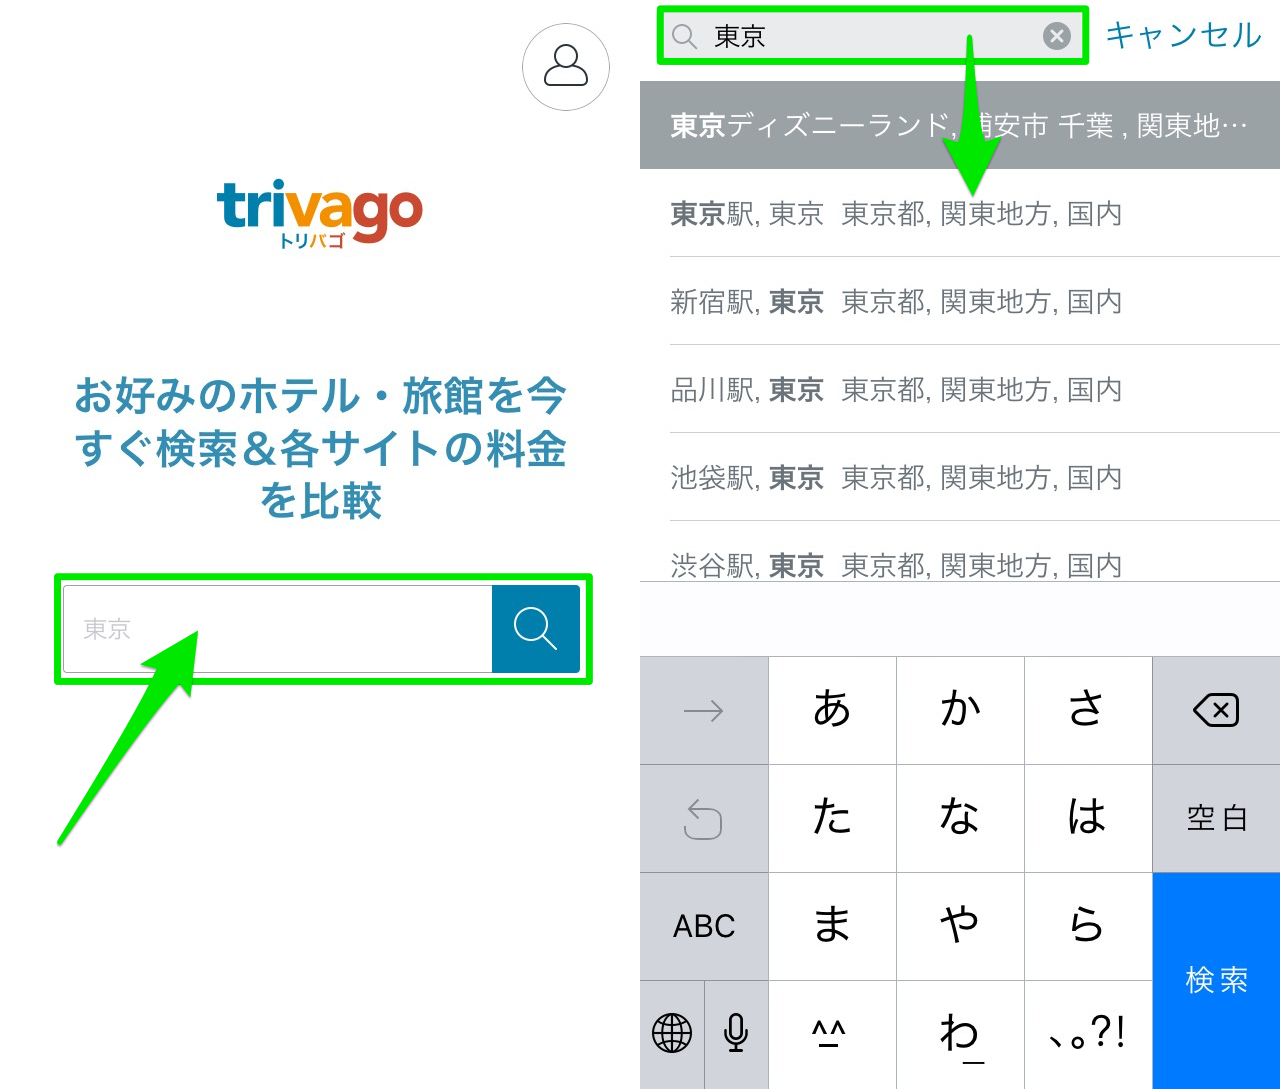 トリバゴ(trivago)アプリでホテル検索・比較する方法